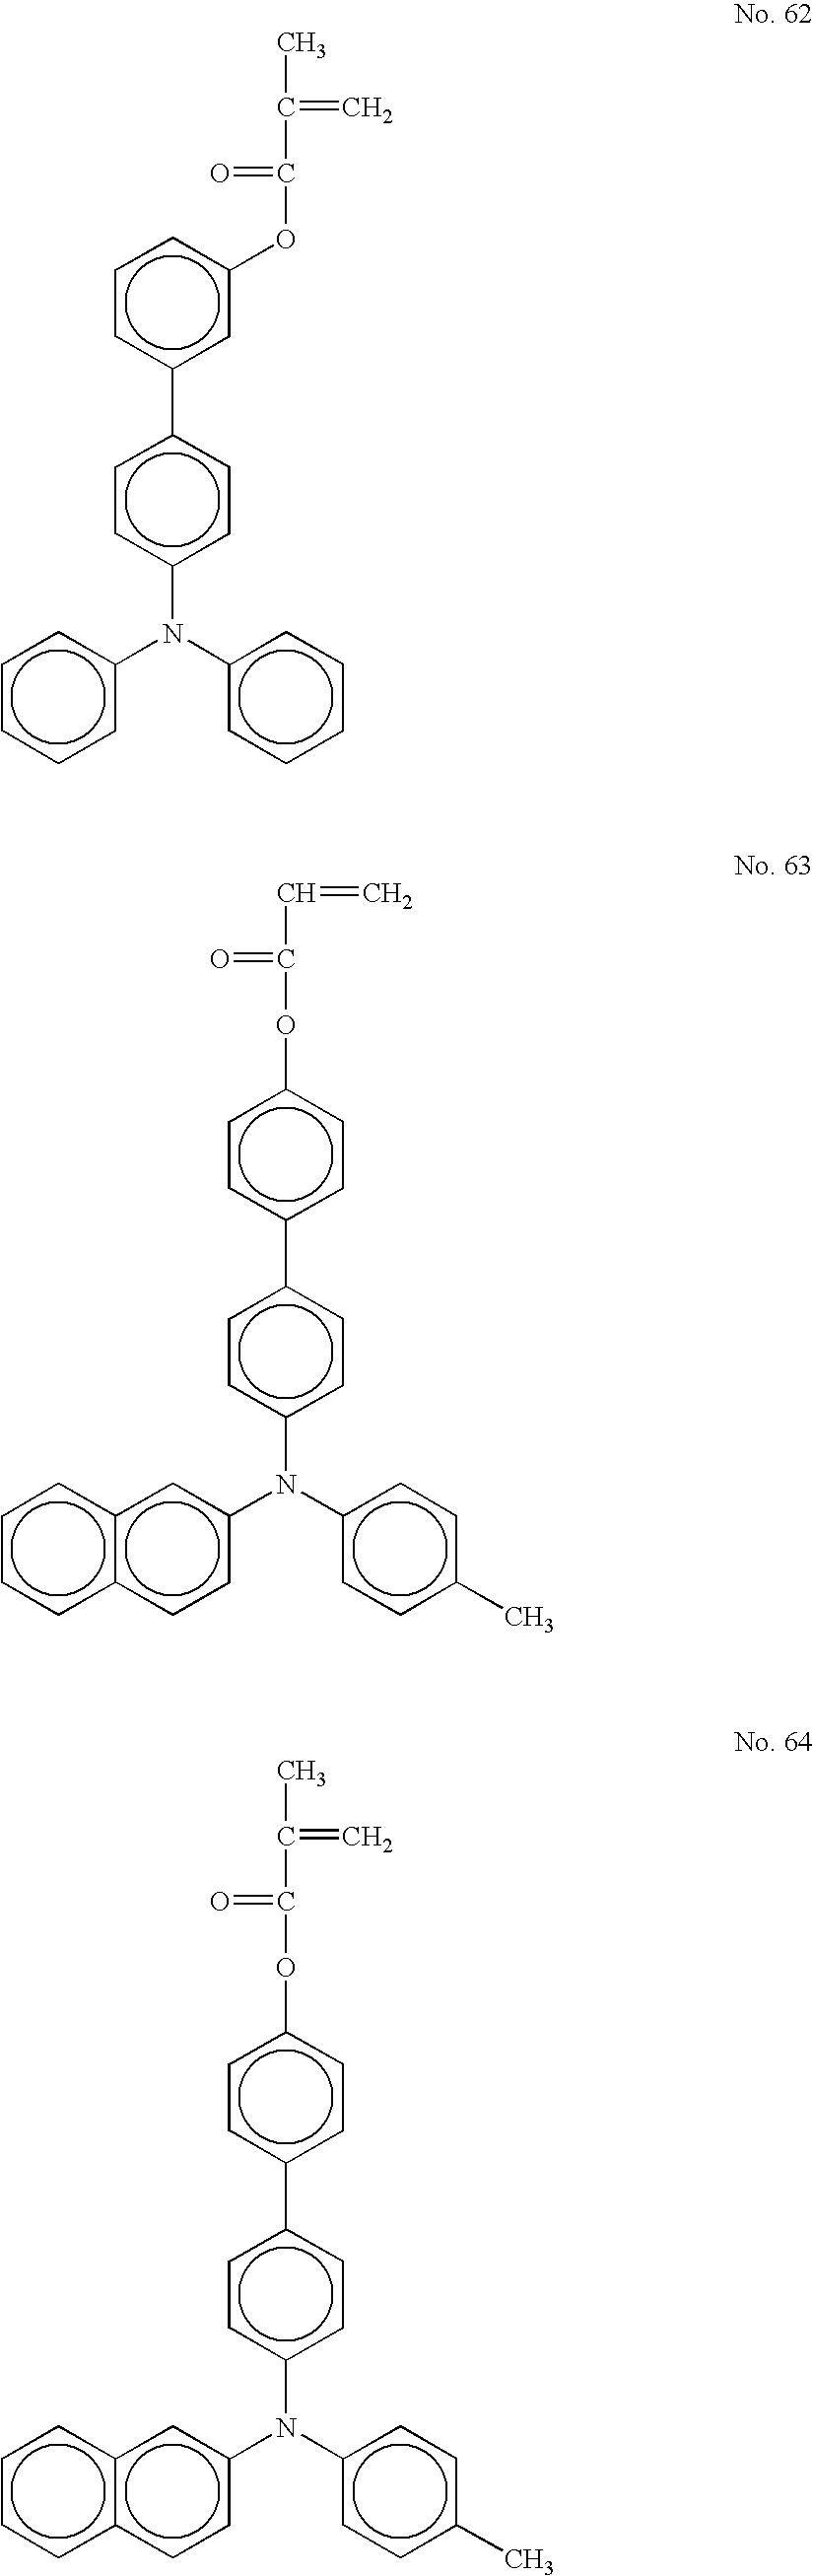 Figure US20050158641A1-20050721-C00034